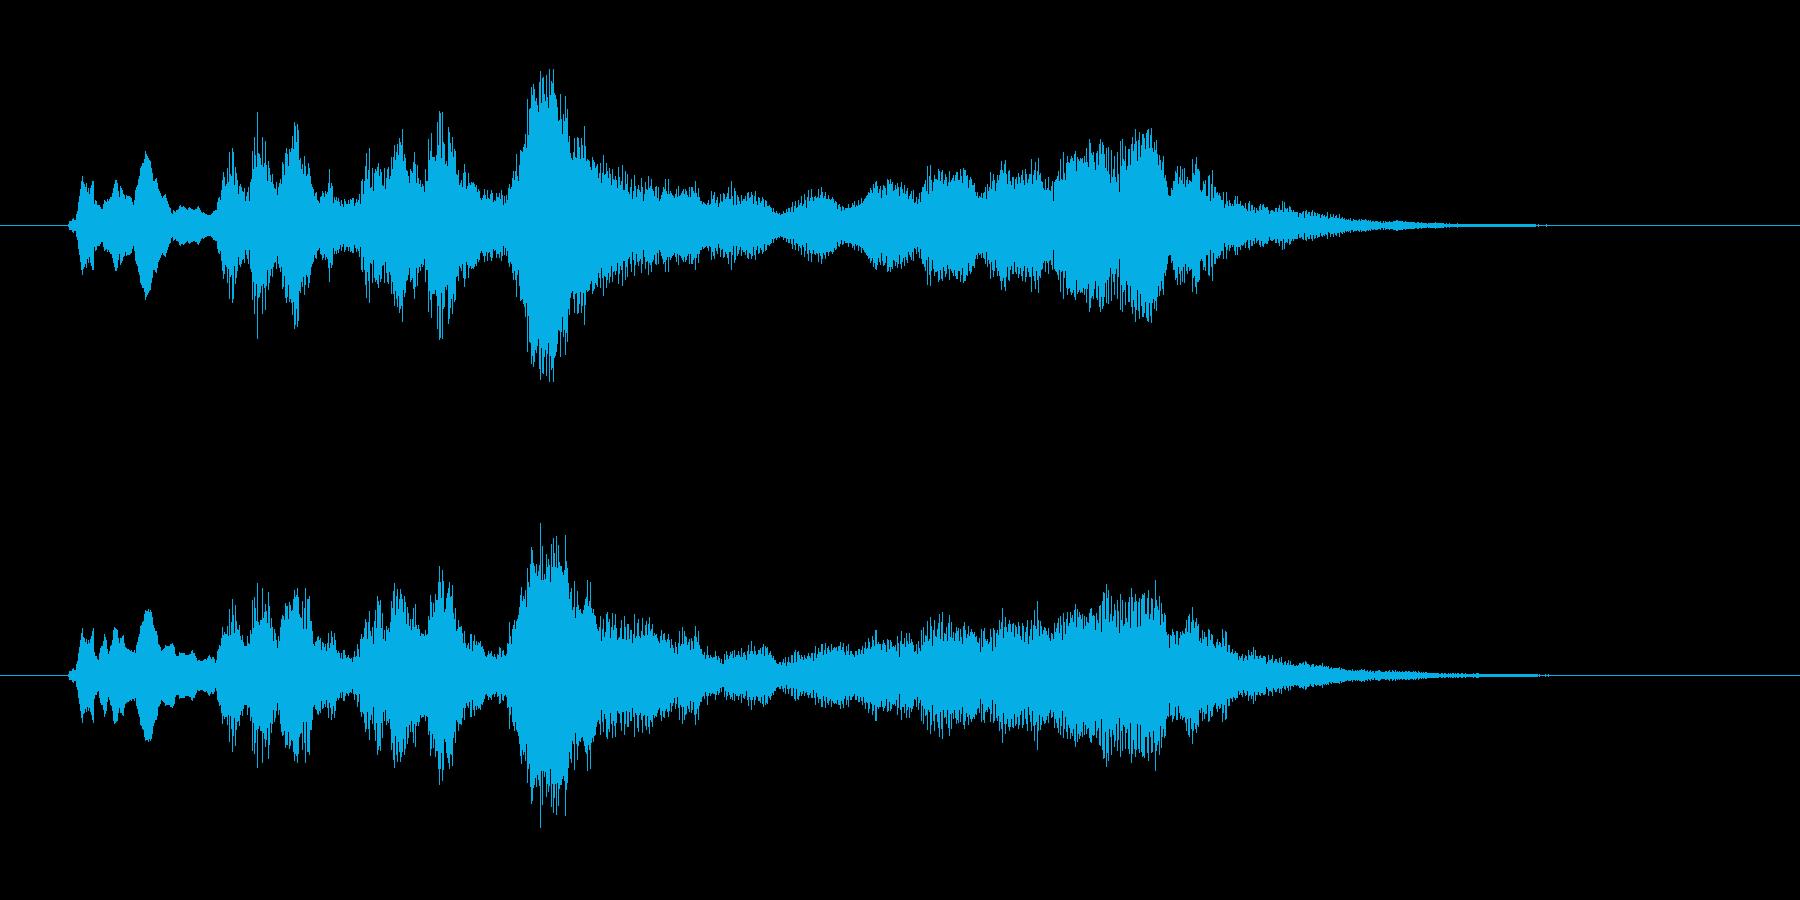 トランペット パンパカパーンの再生済みの波形